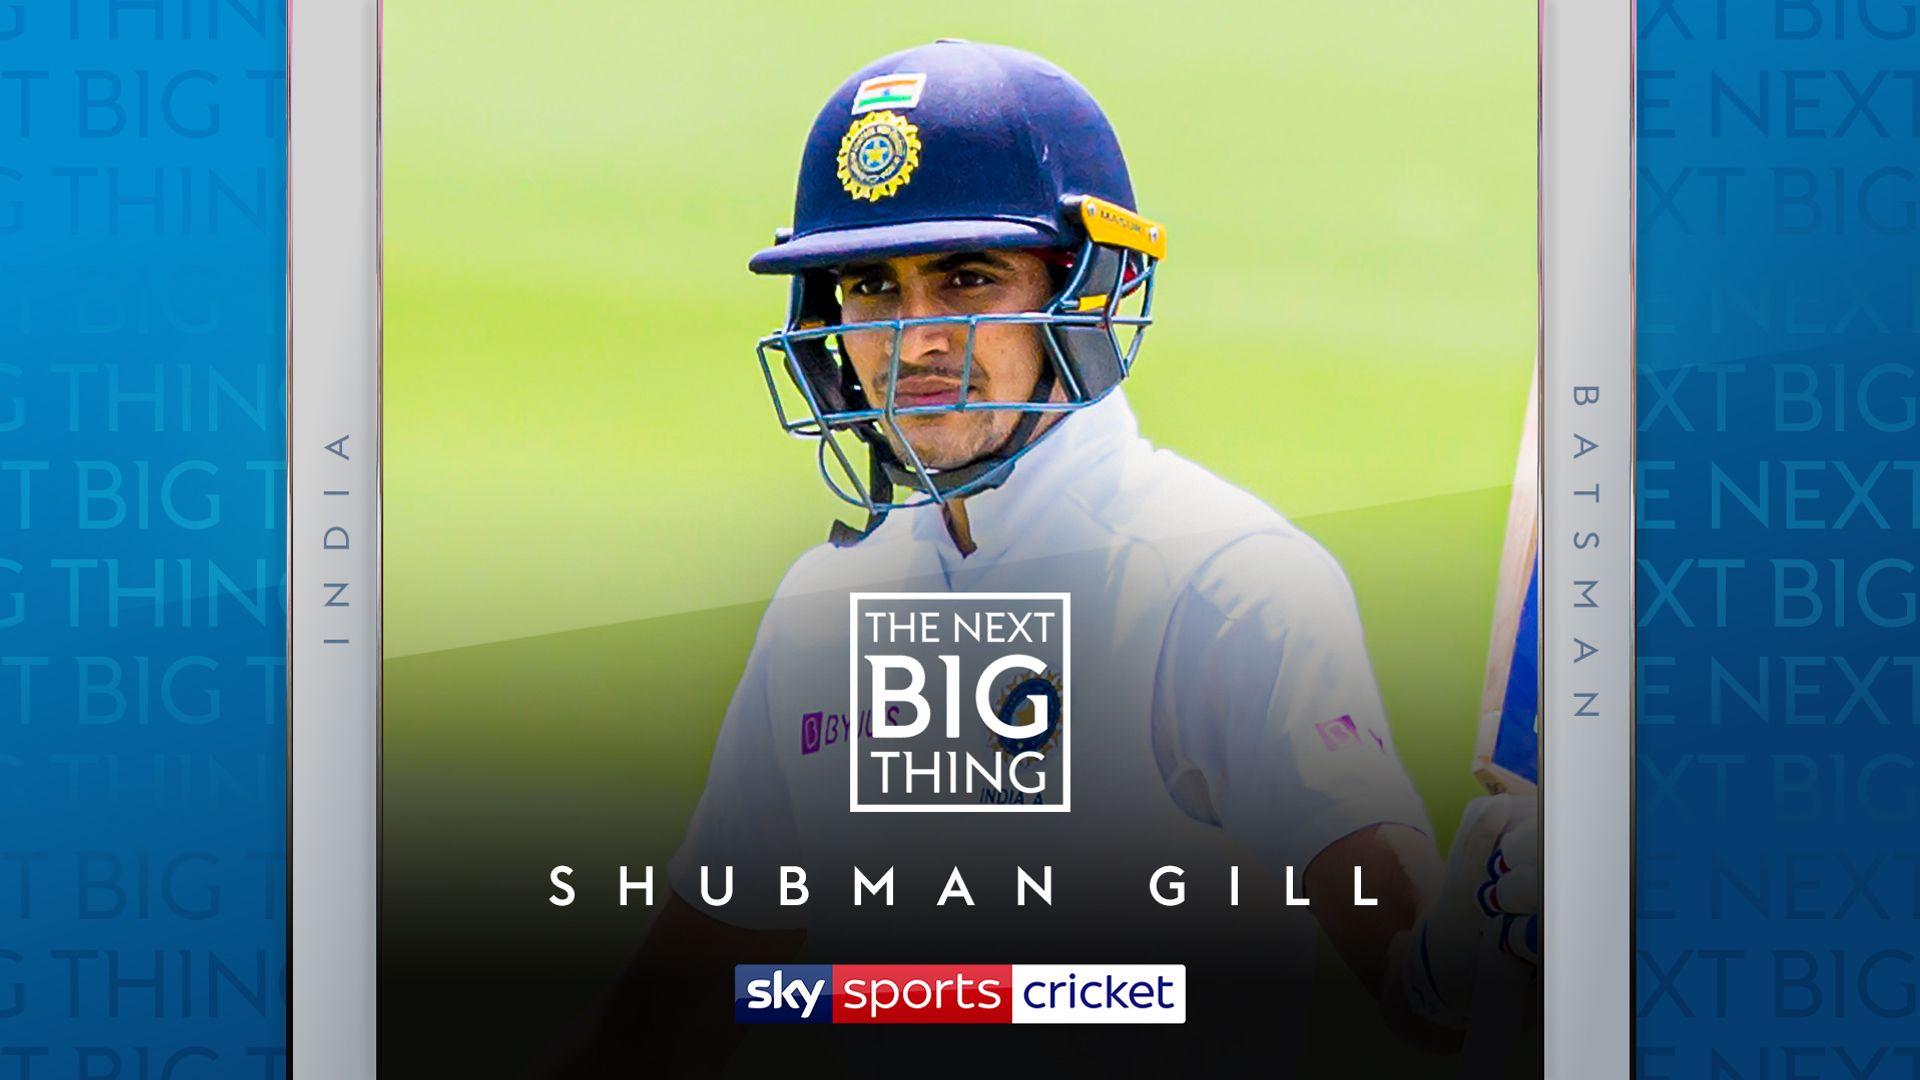 The Next Big Thing: Shubman Gill